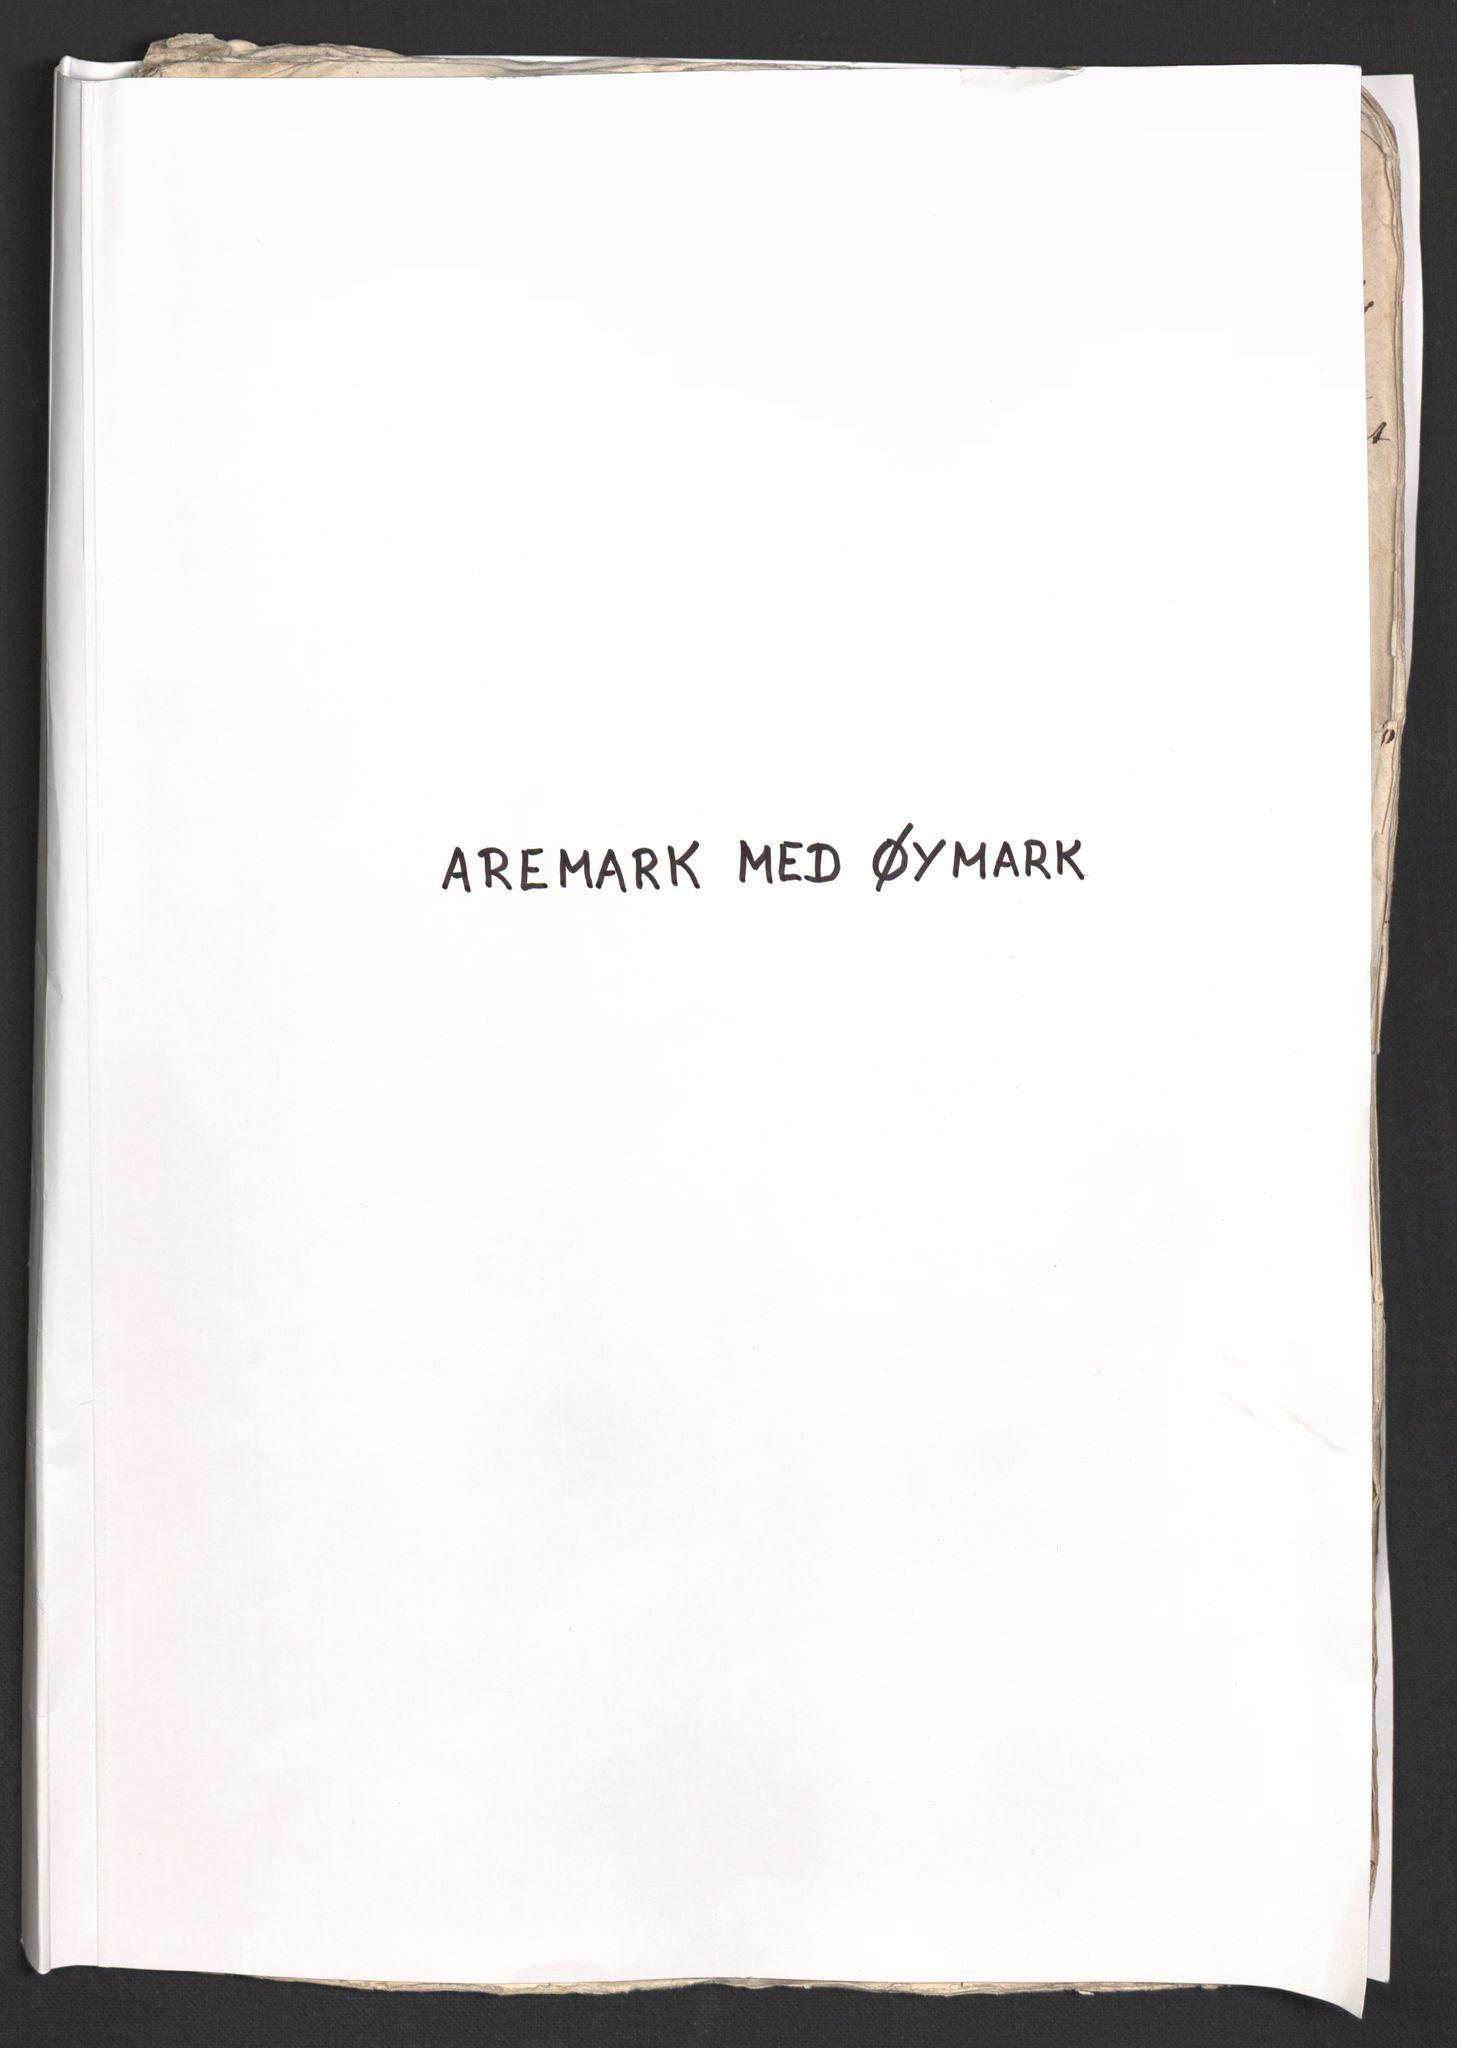 RA, Rentekammeret inntil 1814, Reviderte regnskaper, Fogderegnskap, R01/L0020: Fogderegnskap Idd og Marker, 1711, s. 574